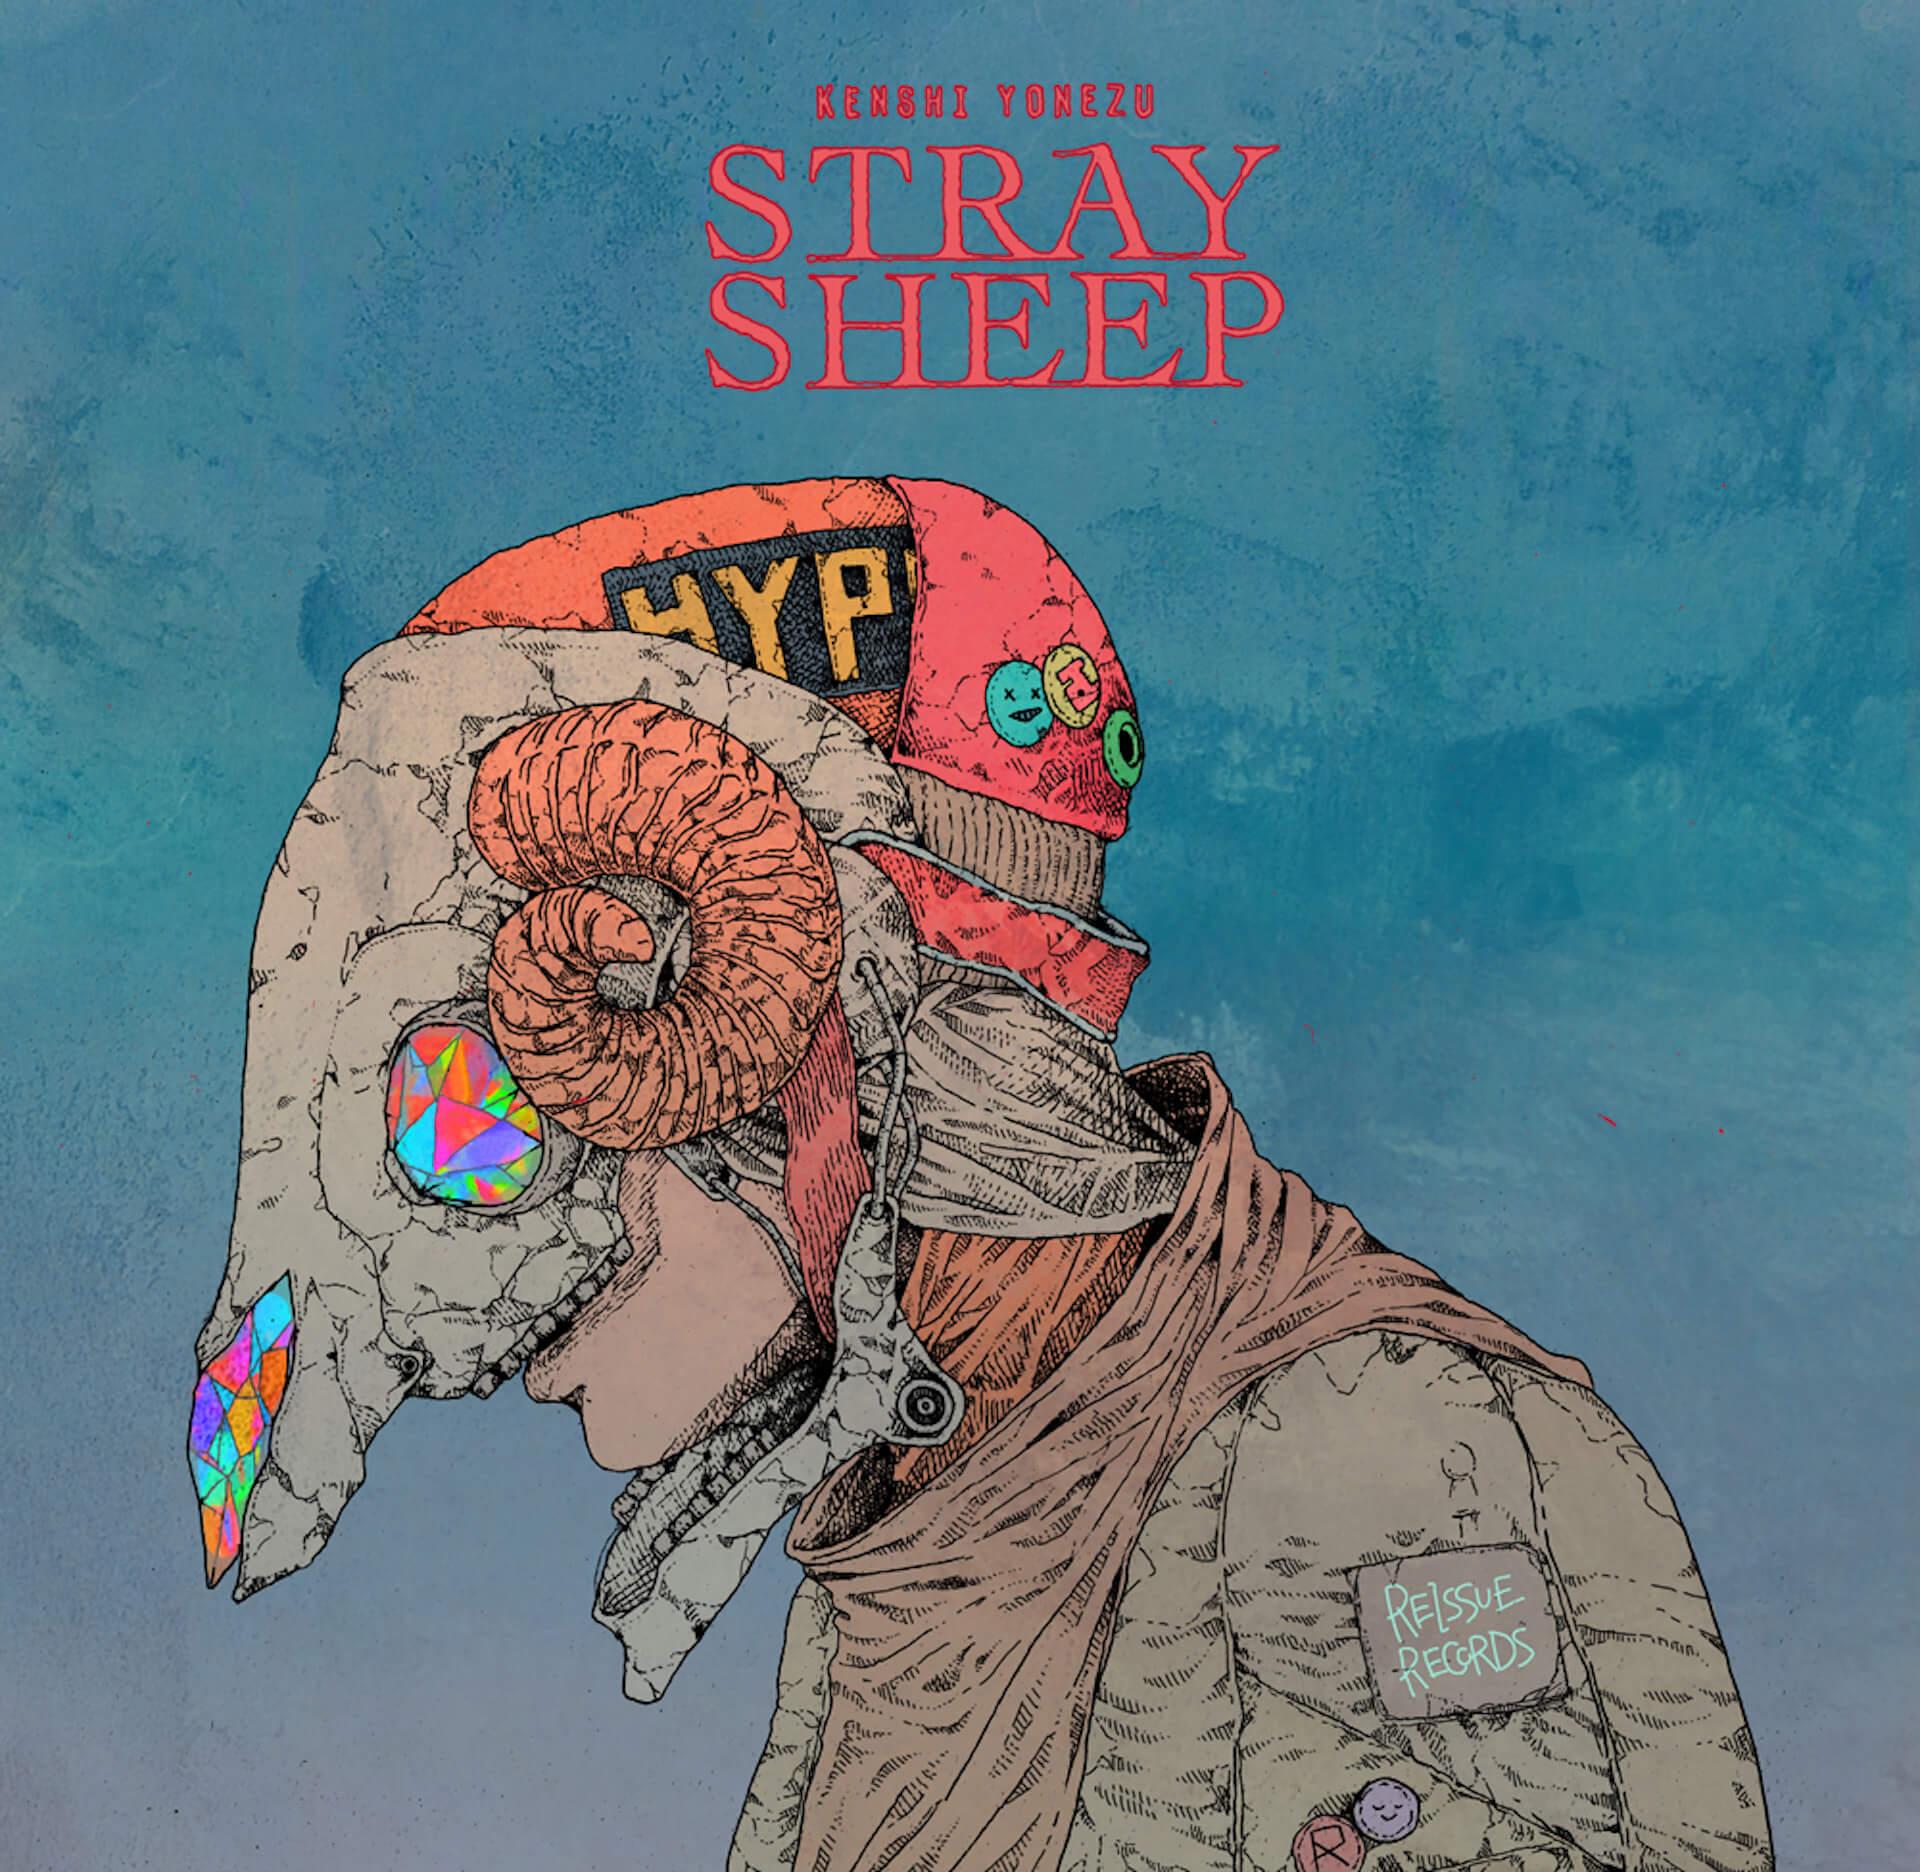 米津玄師『STRAY SHEEP』がオリコン合算アルバムランキングでダブルミリオンの快挙!ソロアーティスト史上初 music210106_yonezukenshi_straysheep_1